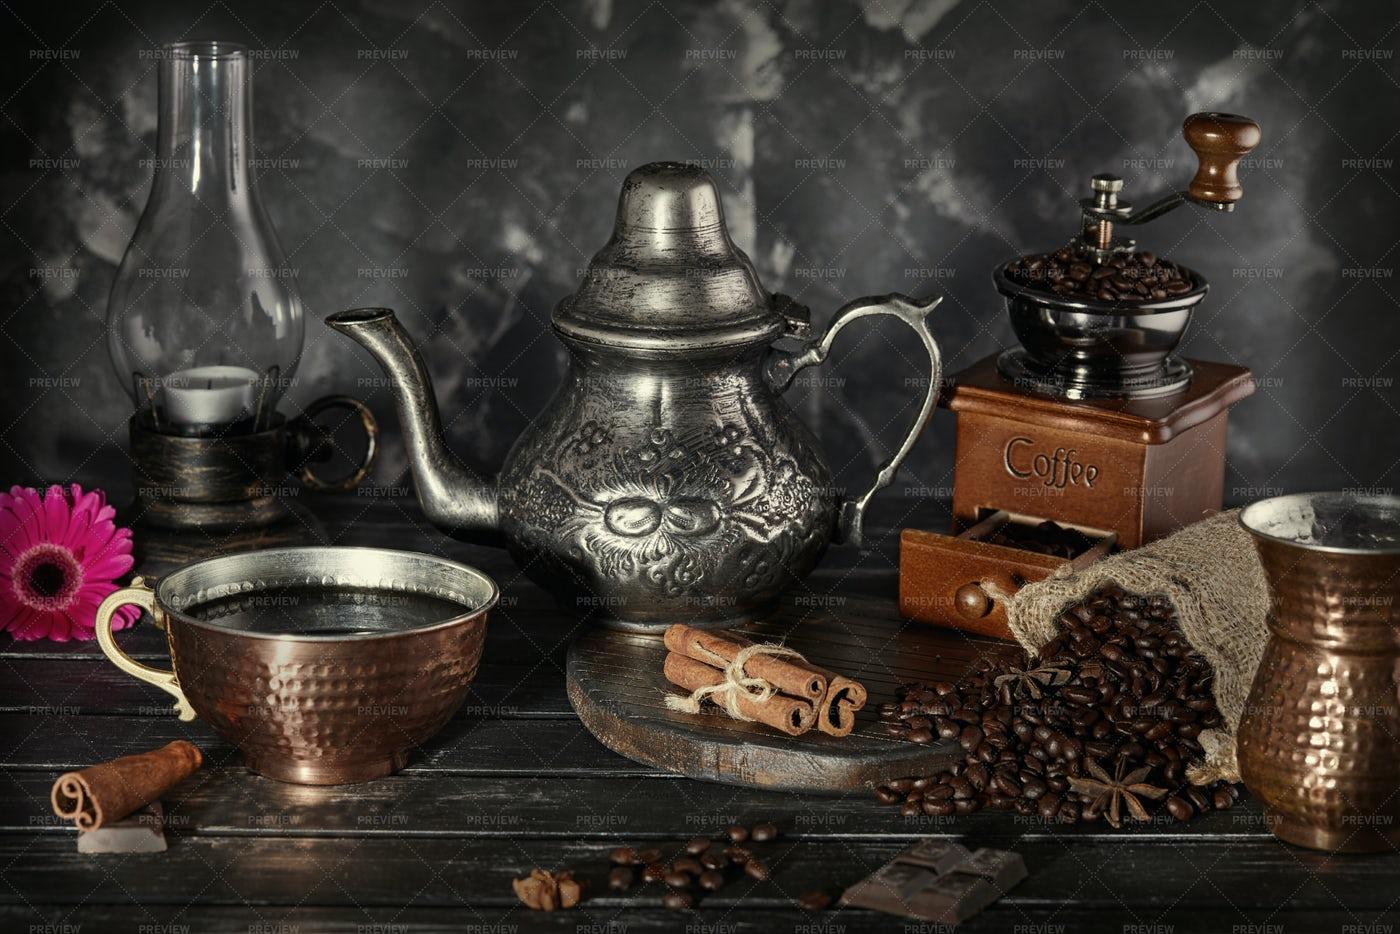 Vintage Coffee Equipment: Stock Photos